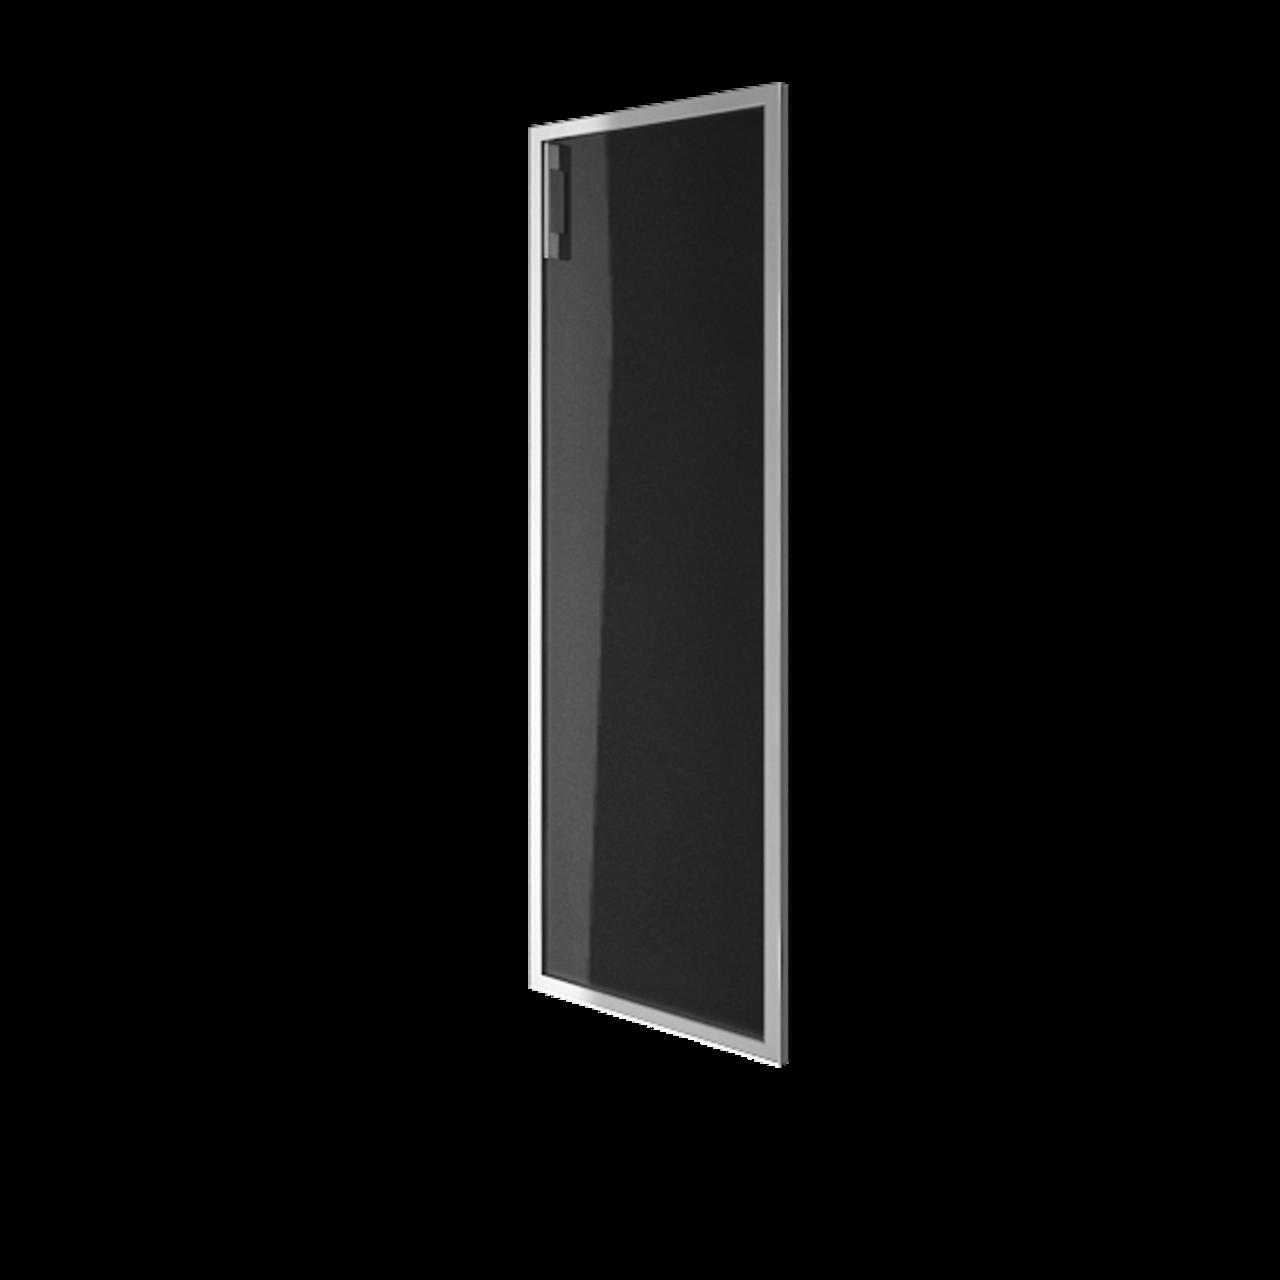 Дверь стекло в раме среднее Lacobel black правая - фото 5